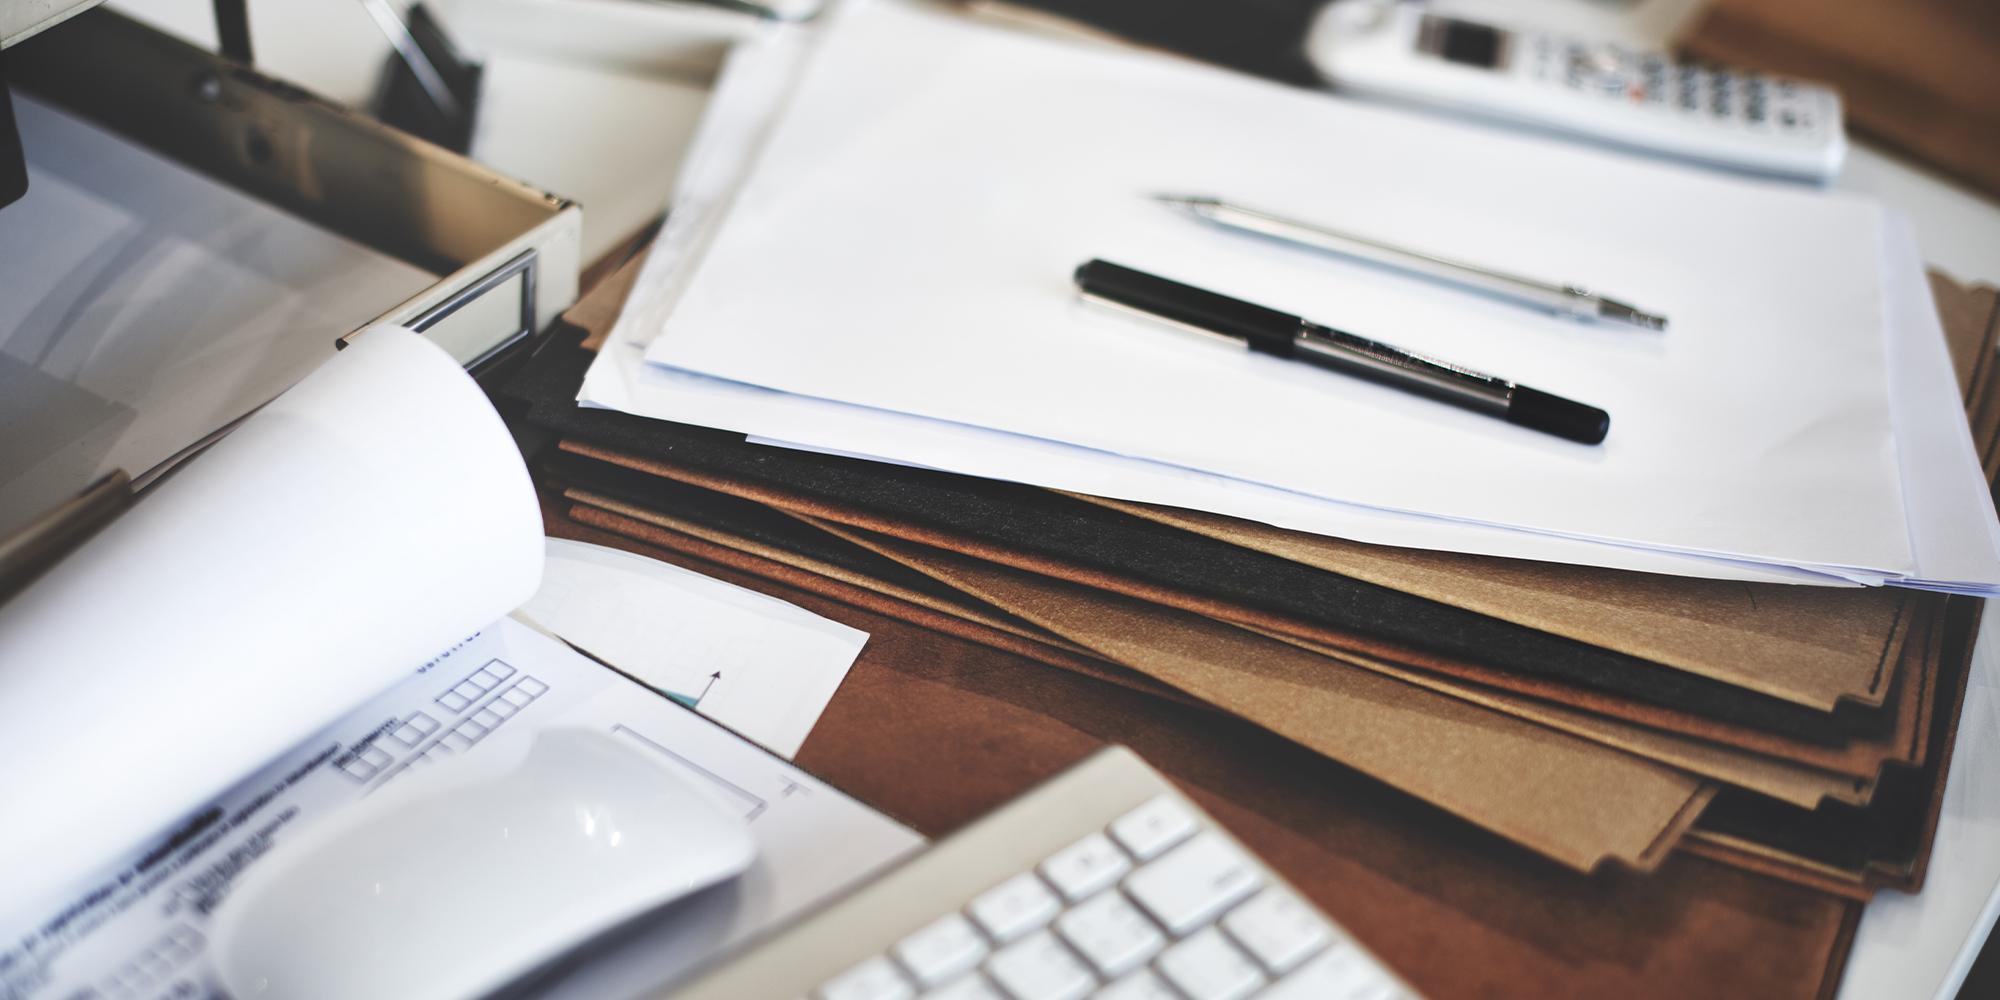 Relatórios indispensáveis para um escritório de advocacia